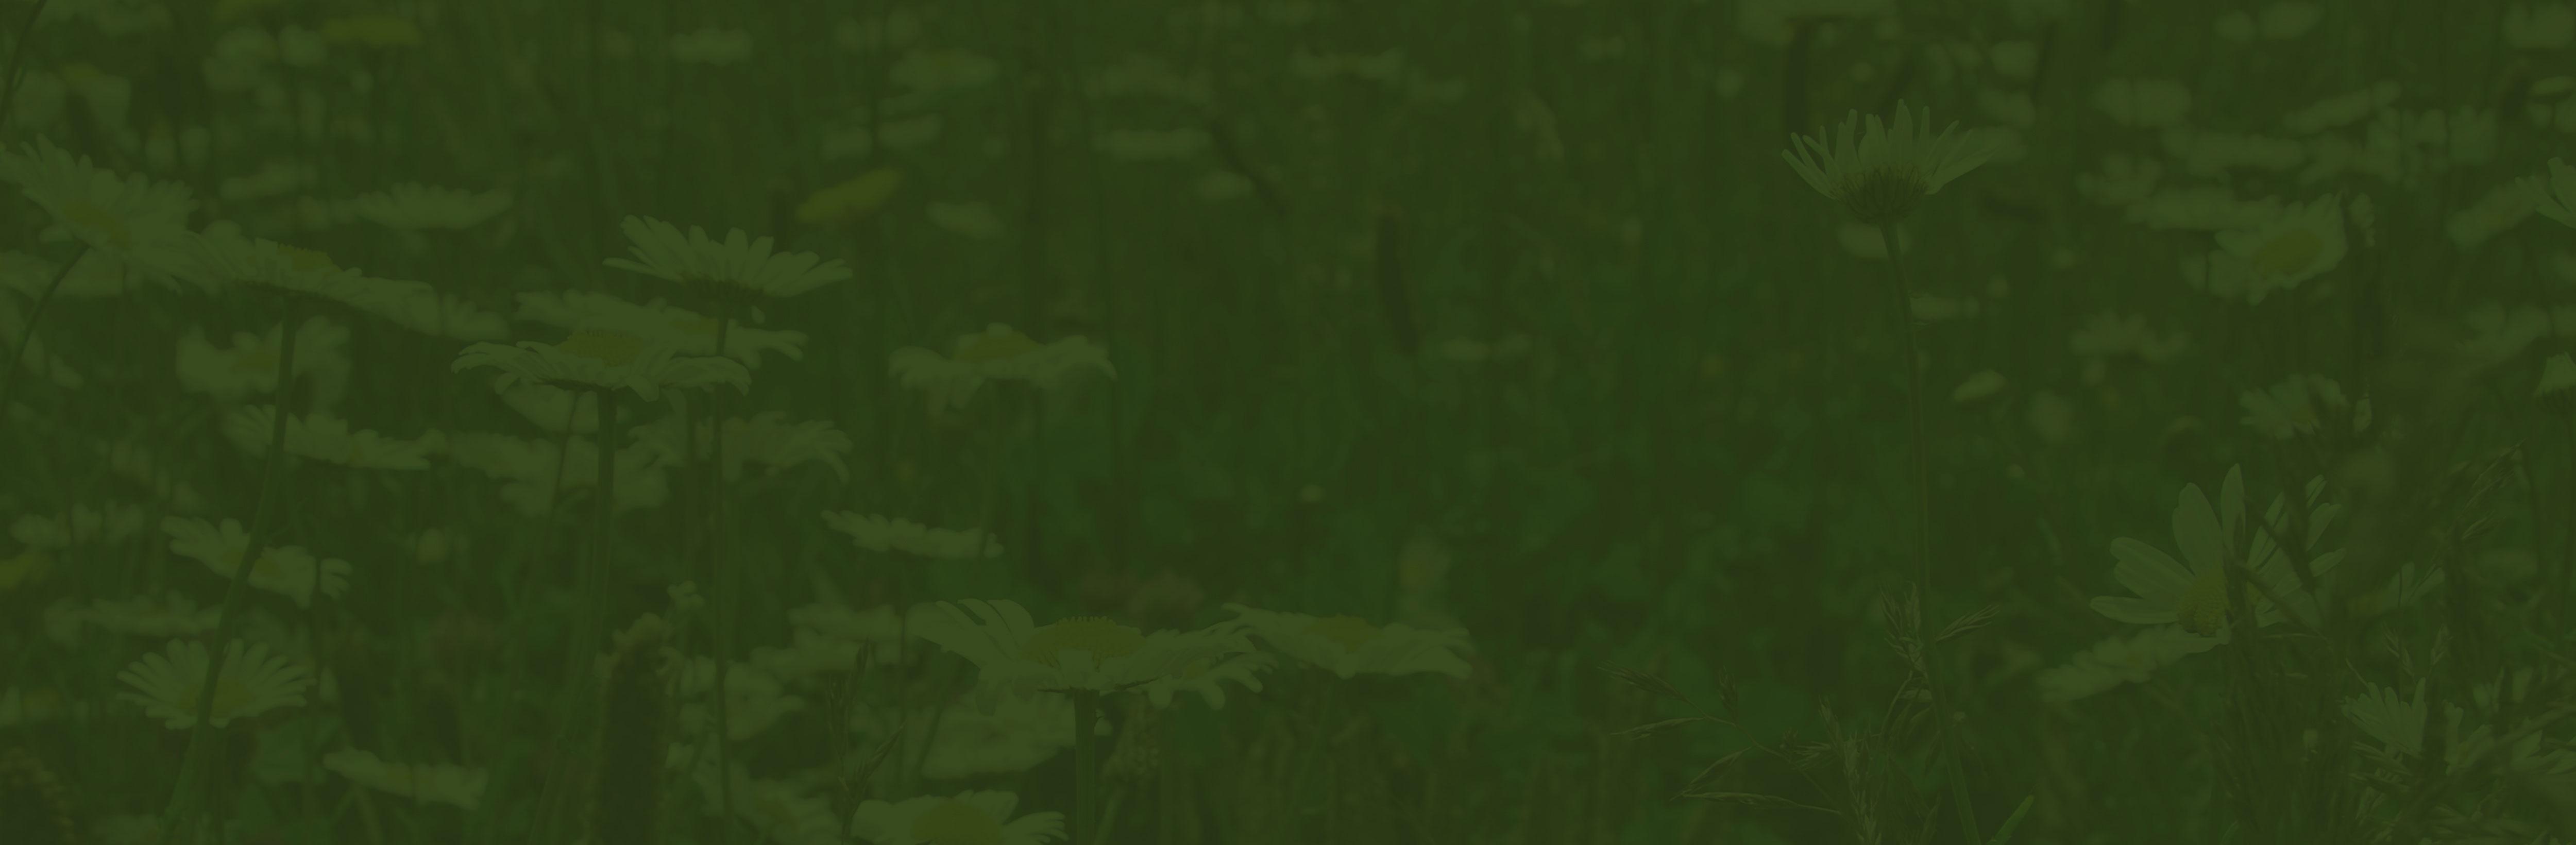 Vegetačné koberce | Skalničky - MIX typ T | Strešné substráty